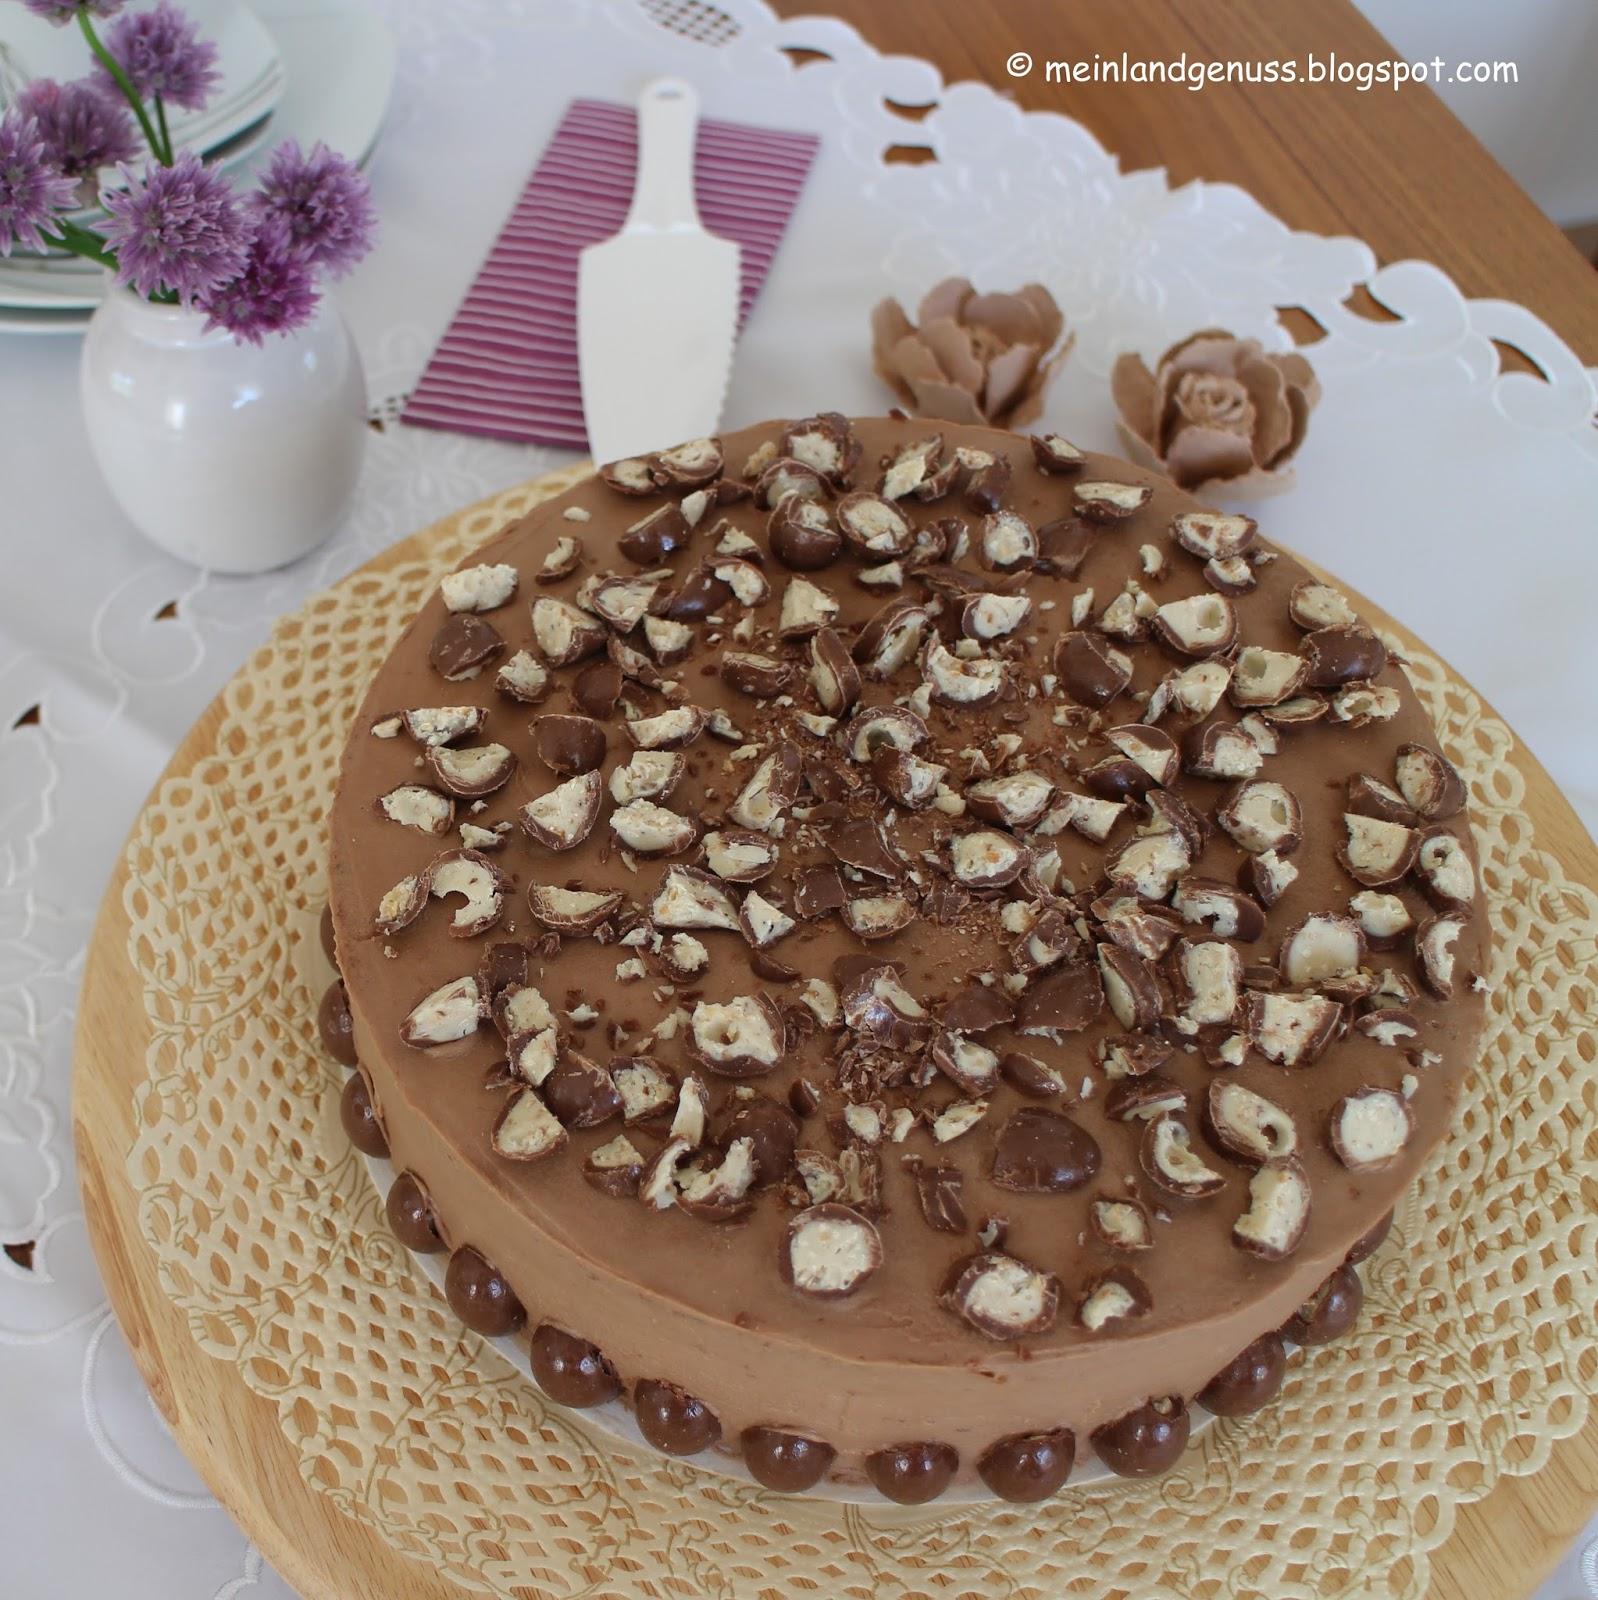 Mein Land Und Gartengenuss Schoko Bons Torte